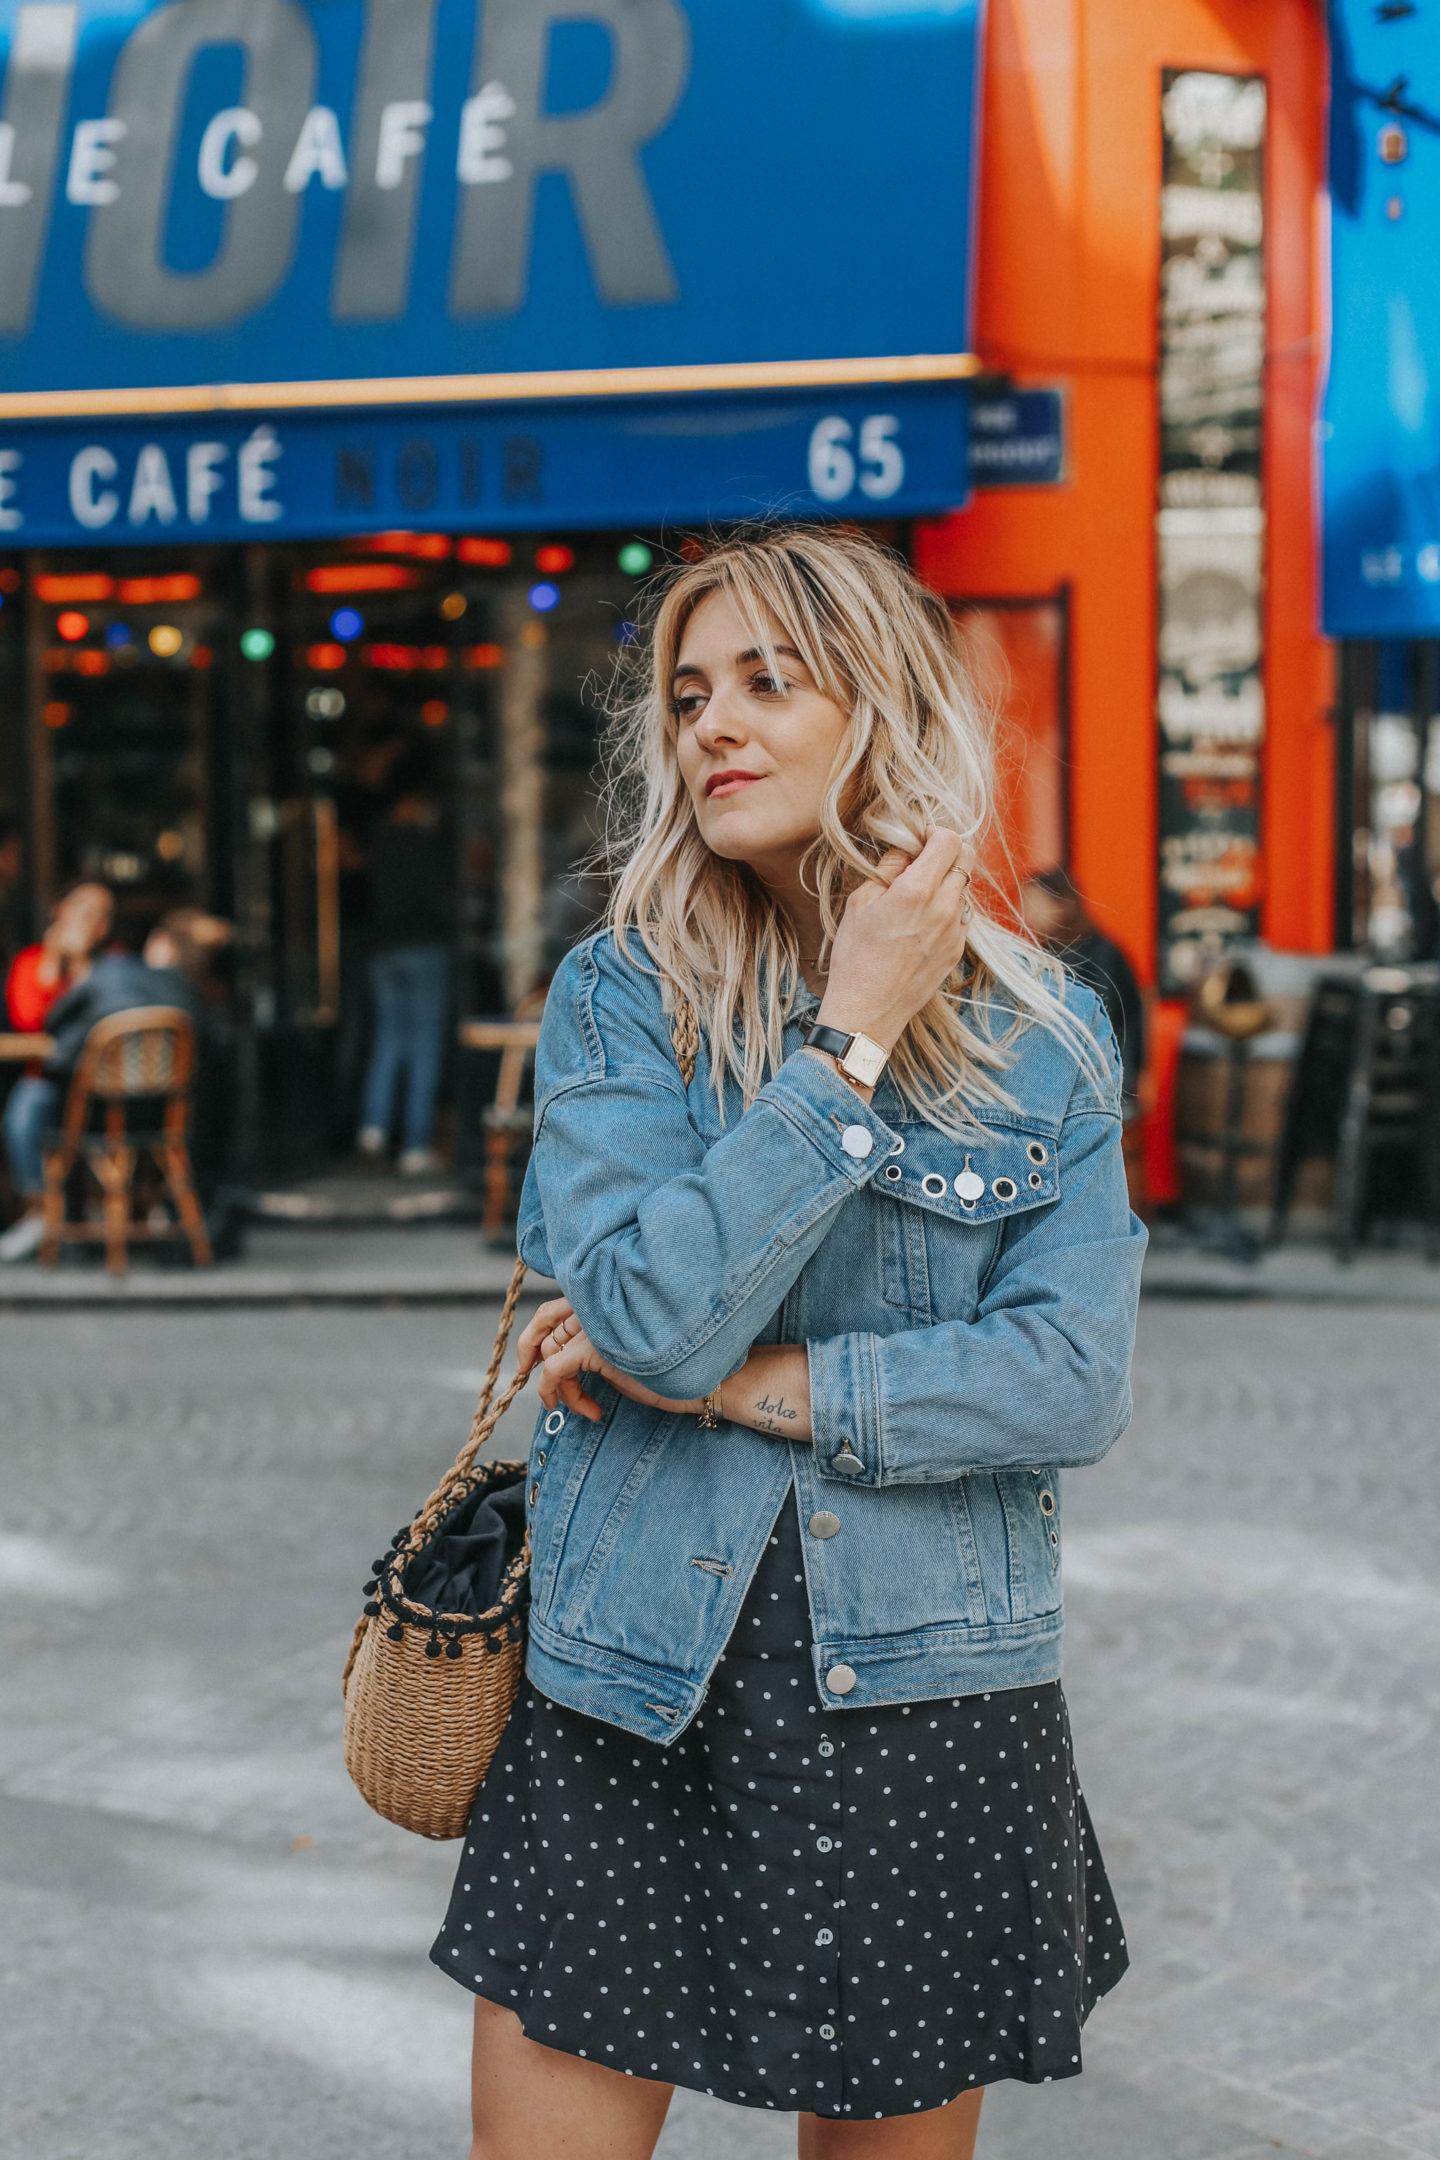 Veste en Jean Suncoo - Blondie Baby blog mode Paris et voyages